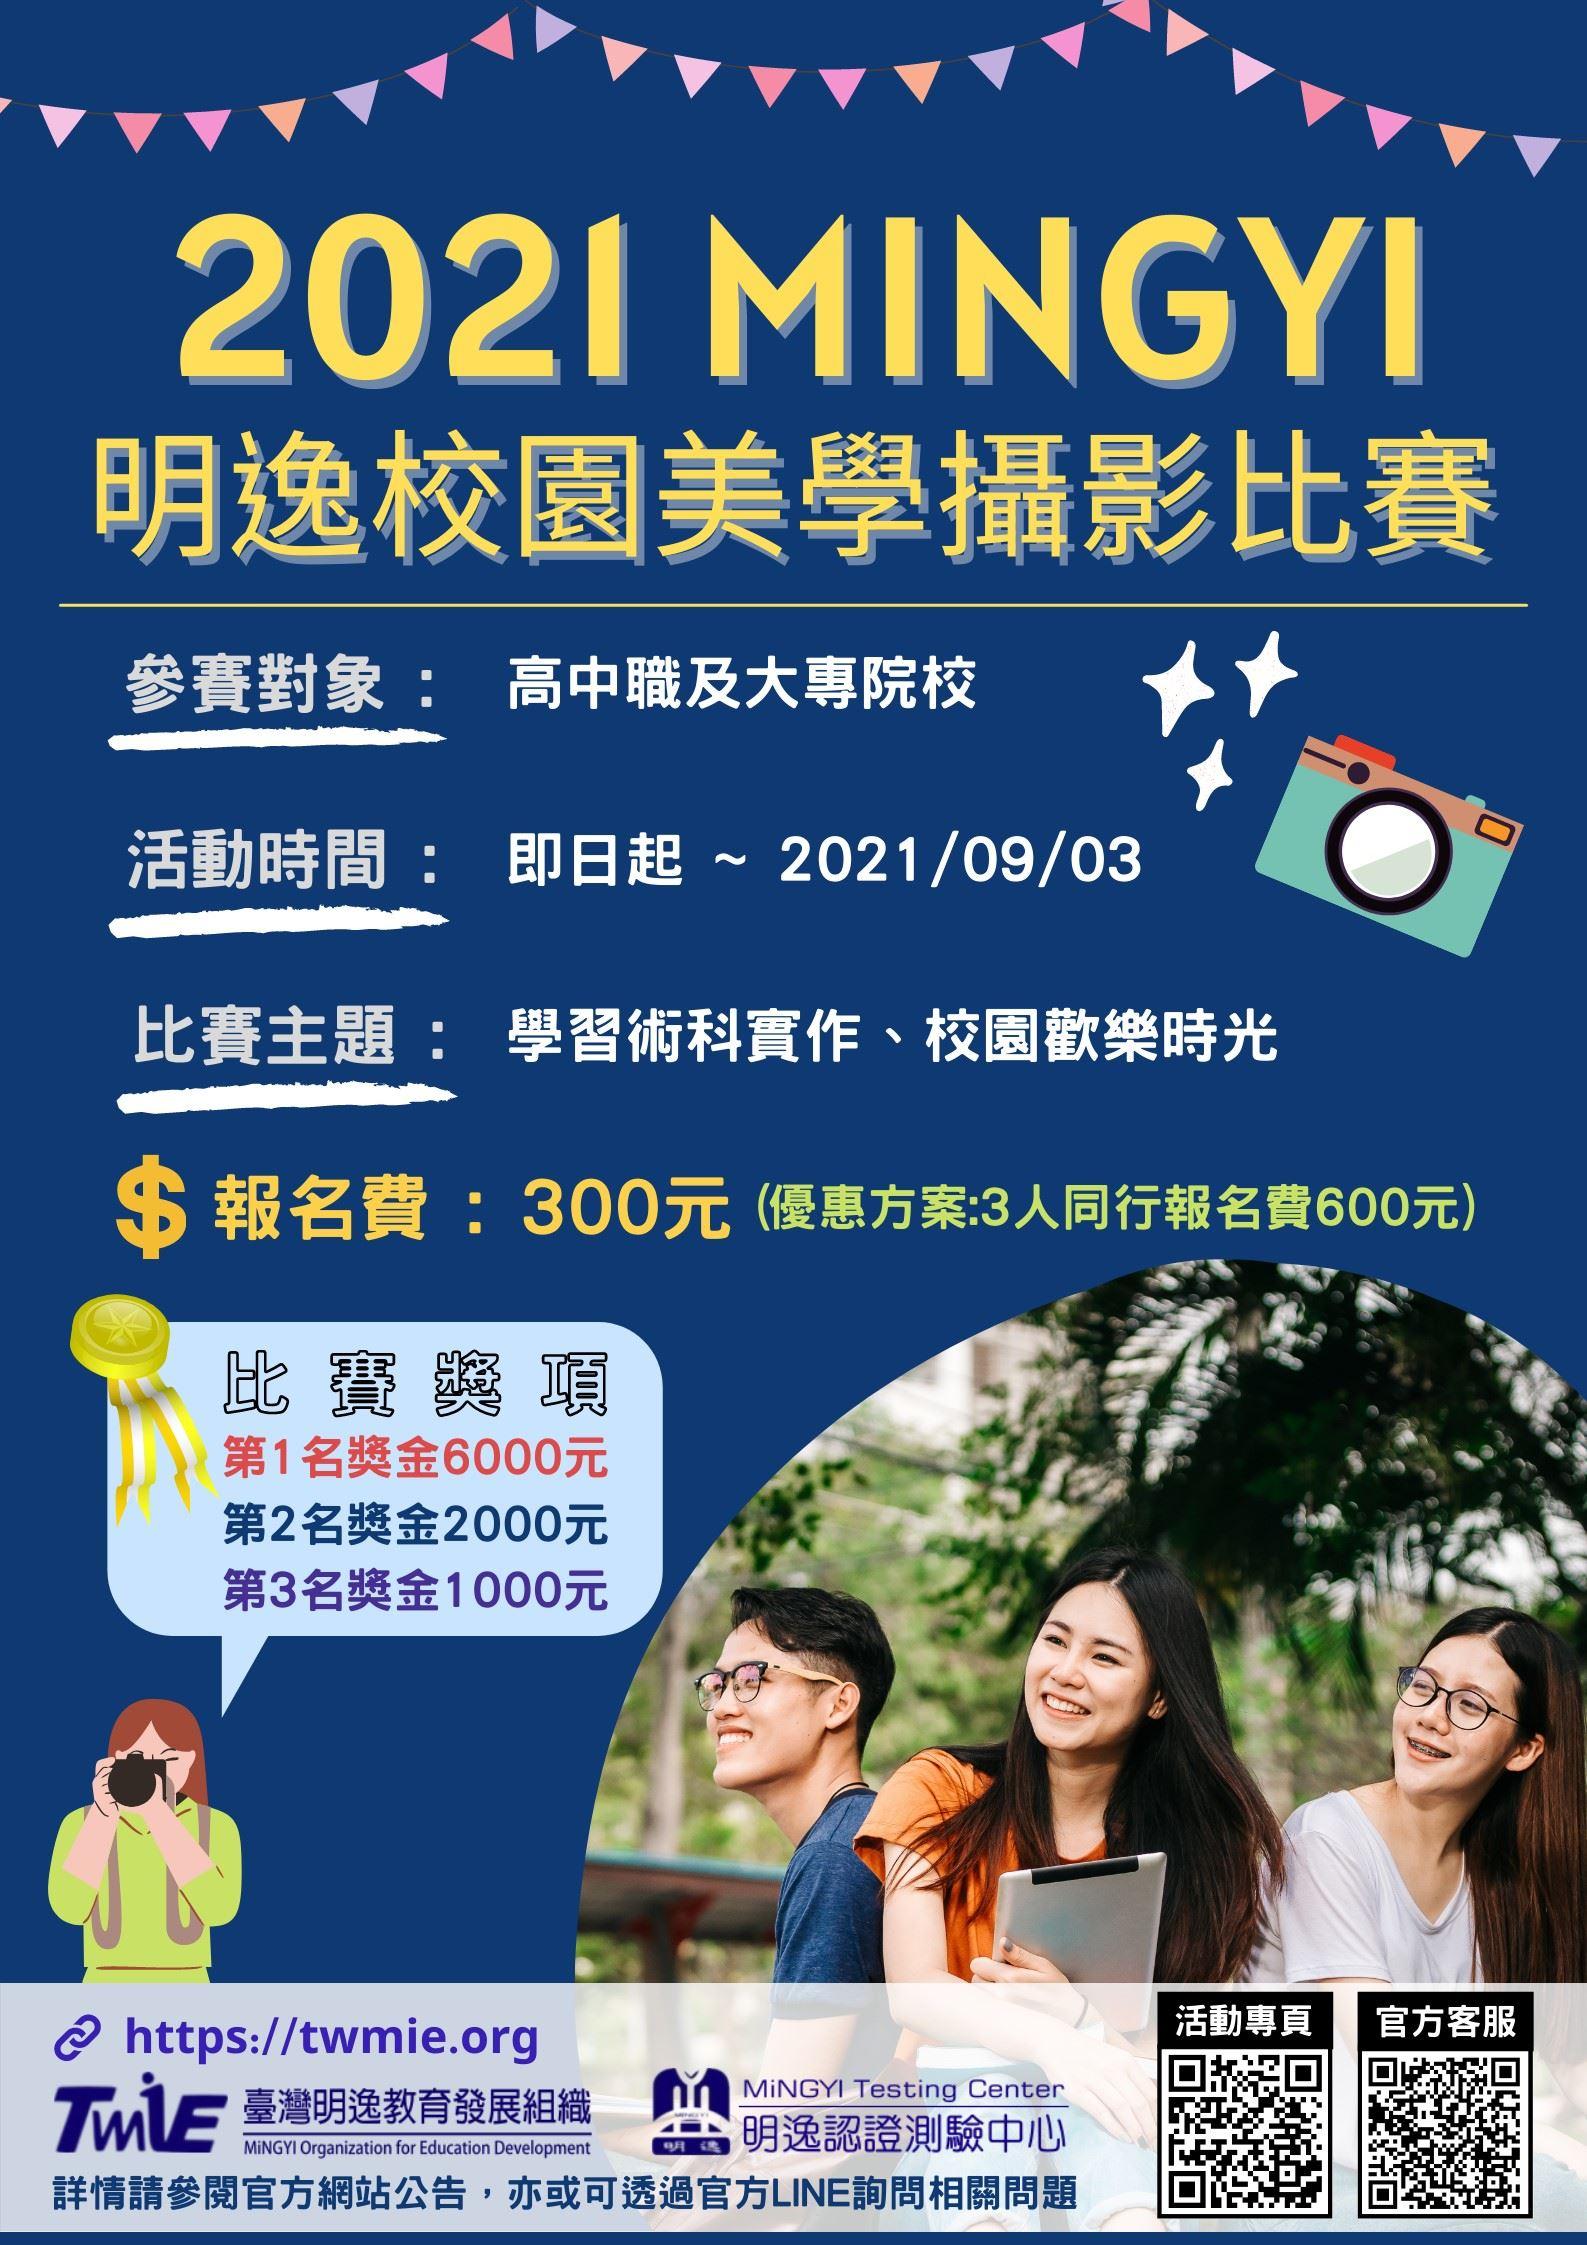 2021明逸校園「攝影美學比賽」,敬邀學校學子踴躍報名參加